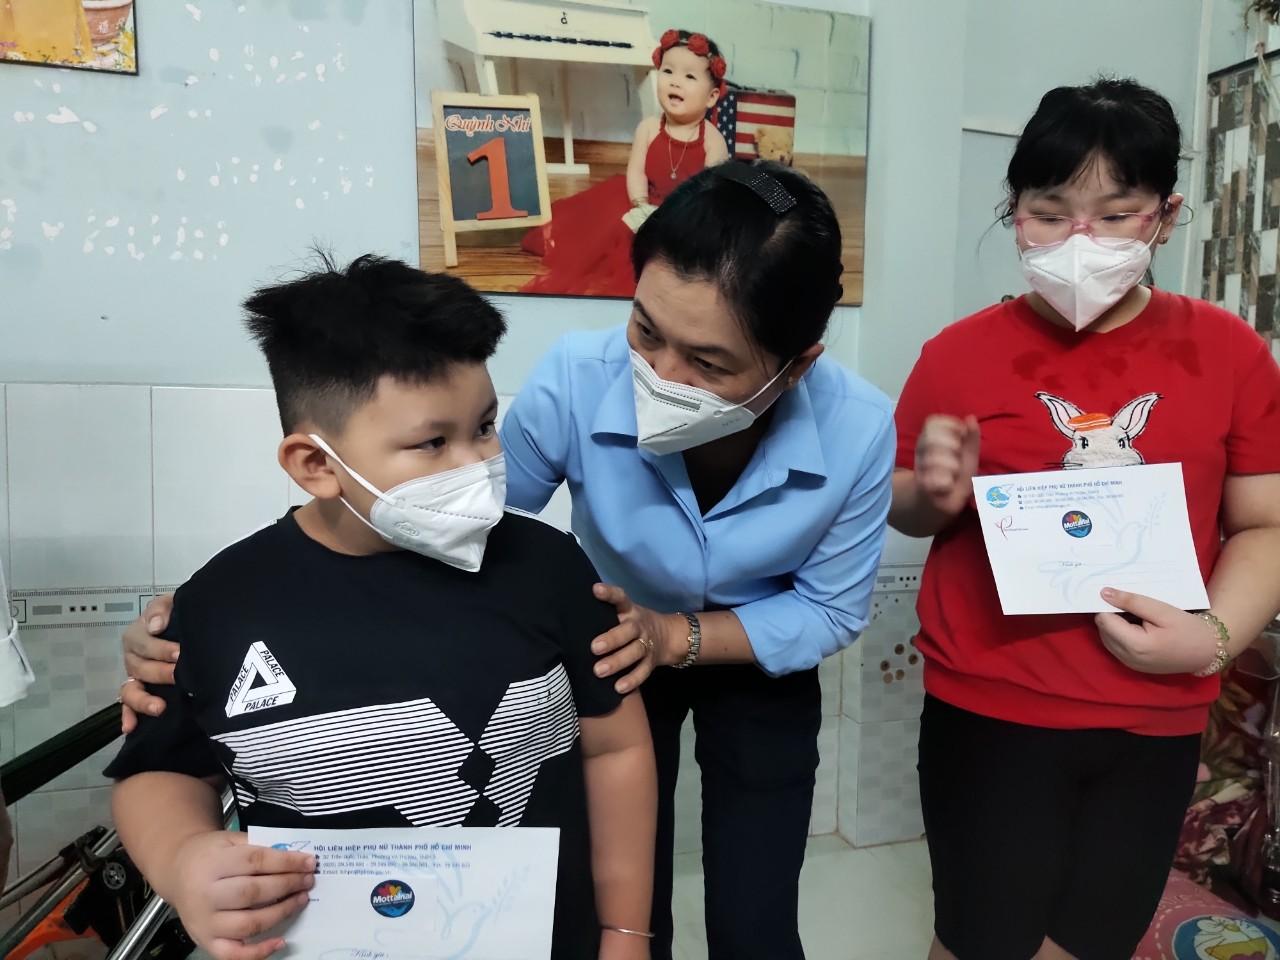 Bà Nguyễn Trần Phượng Trân - chủ tịch Hội LHPN TP - trao quà cùng số tiền 2 triệu đồng (mỗi suất) động viên hai trẻ vừa mất mẹ và bà ngoại trong đợt dịch Covid-19